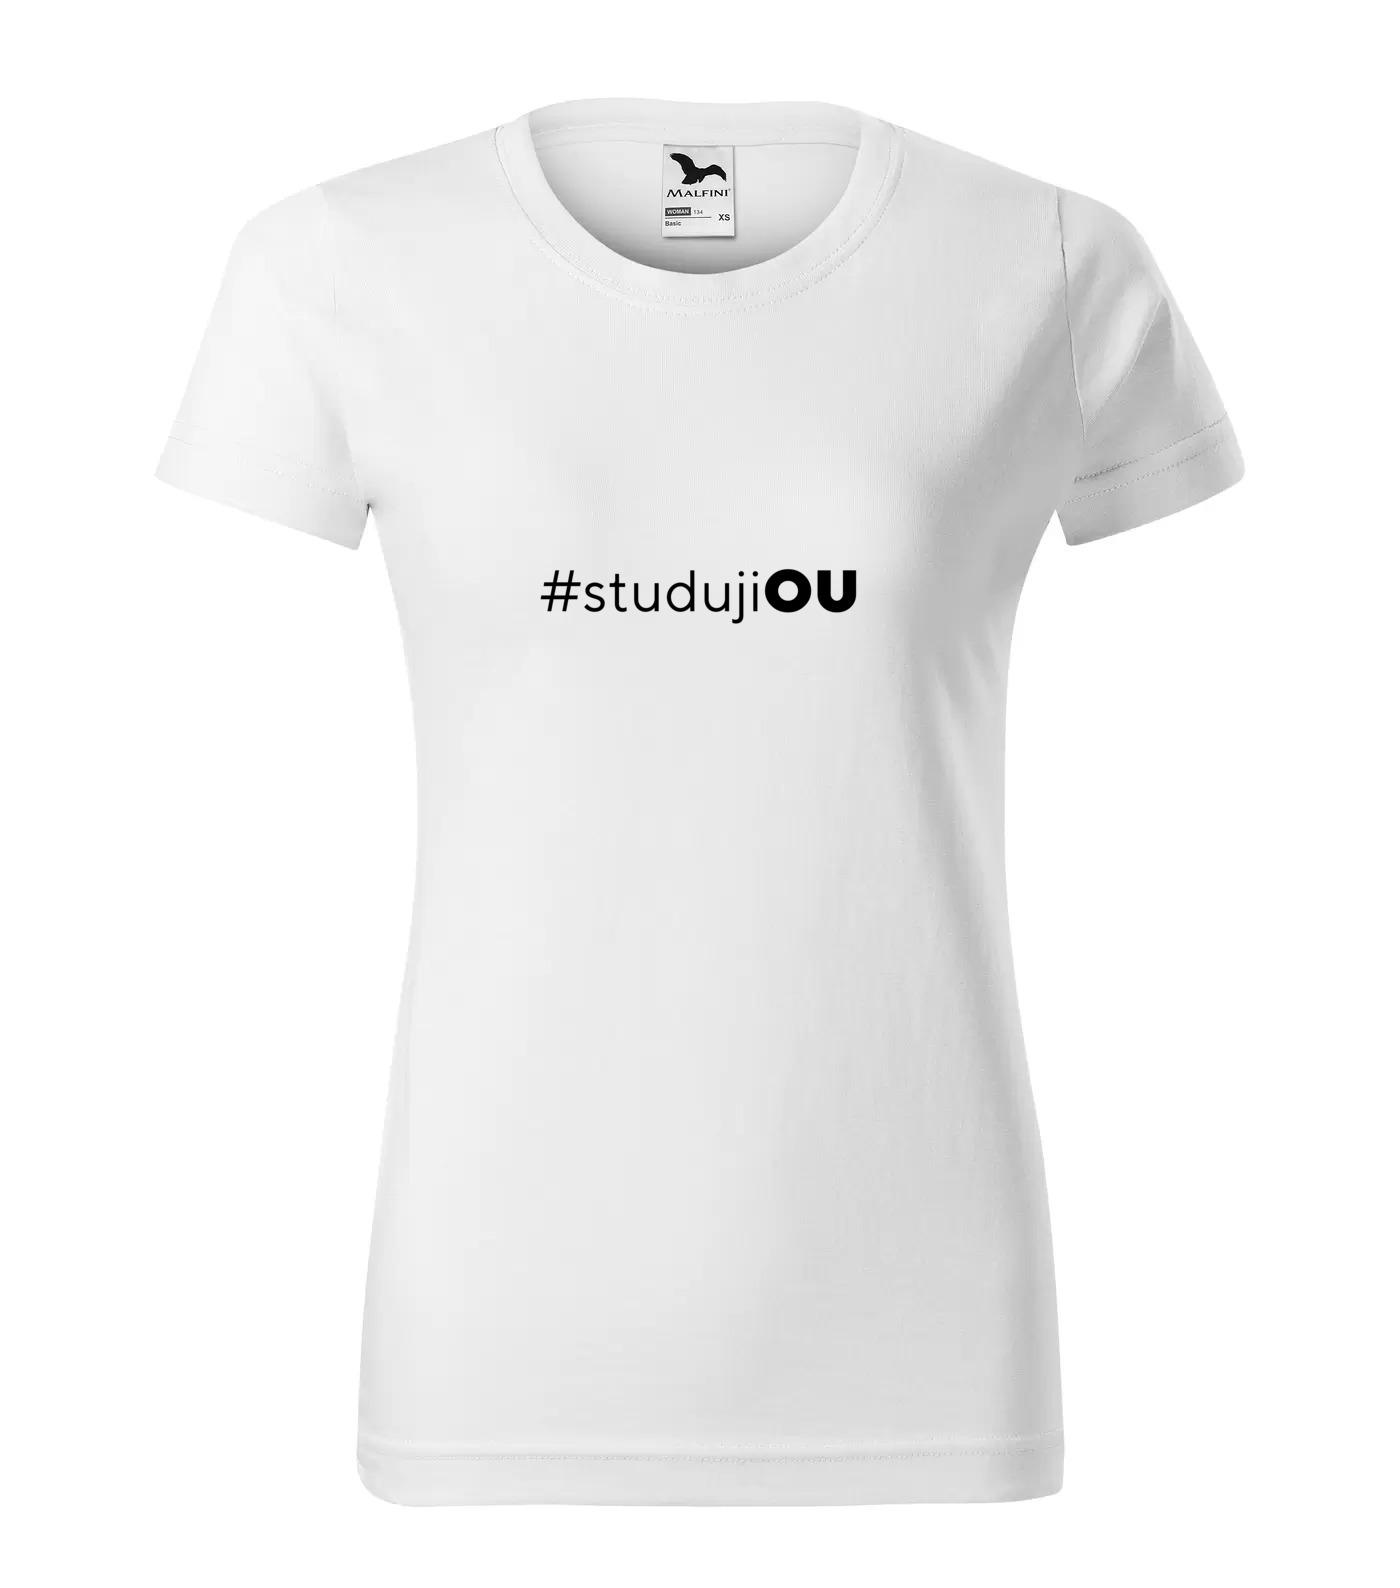 Tričko pro vysokoškoláky Studuji OU